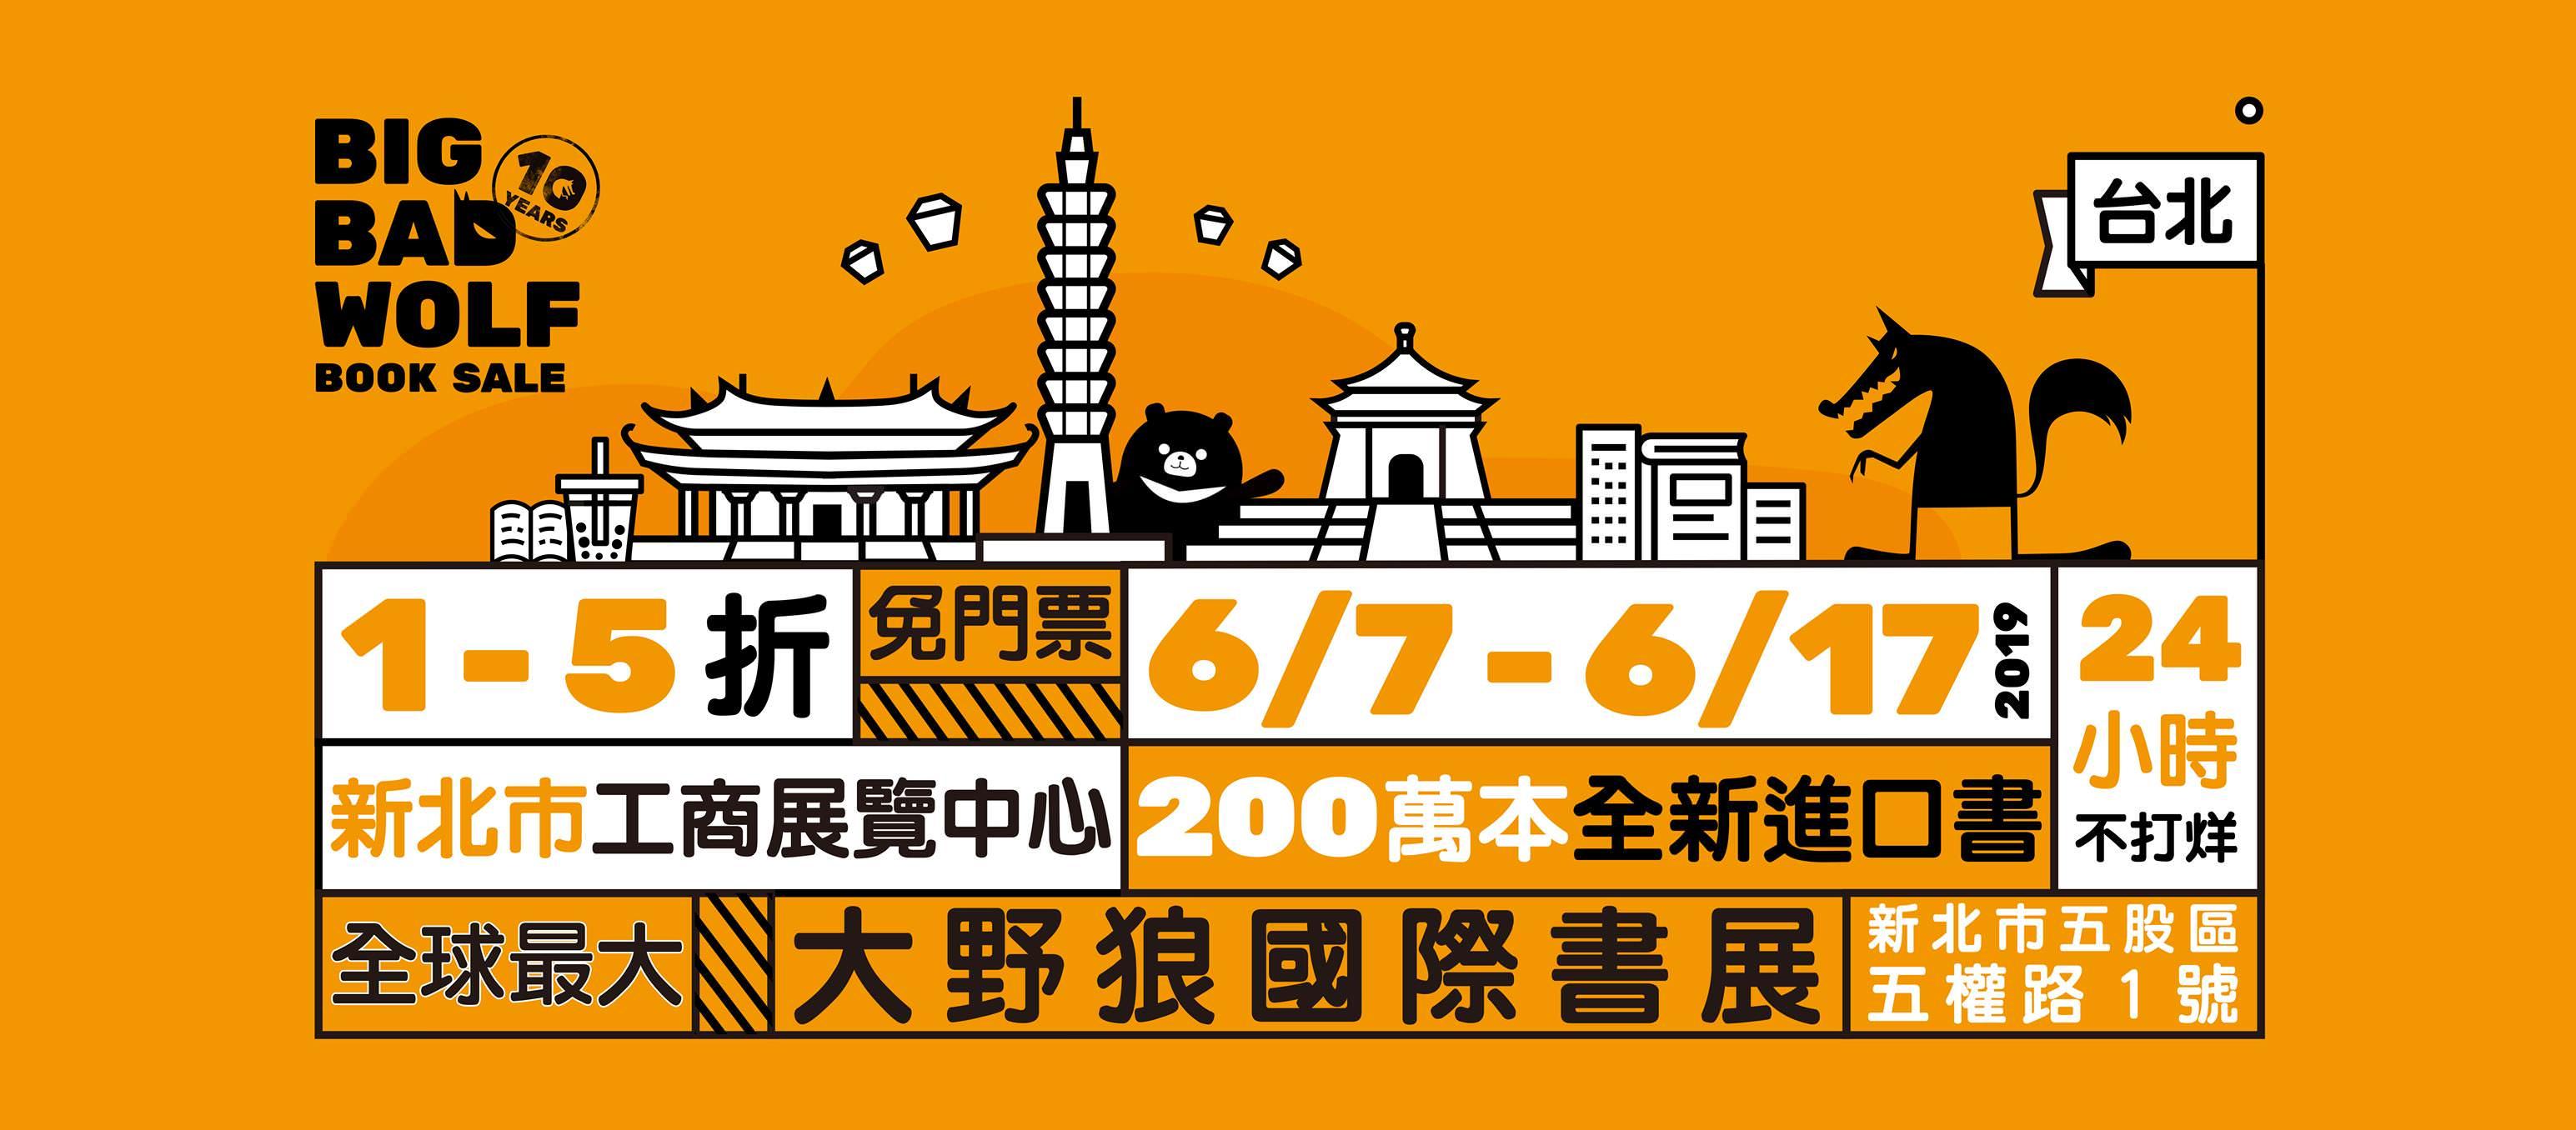 2019大野狼國際書展活動日期